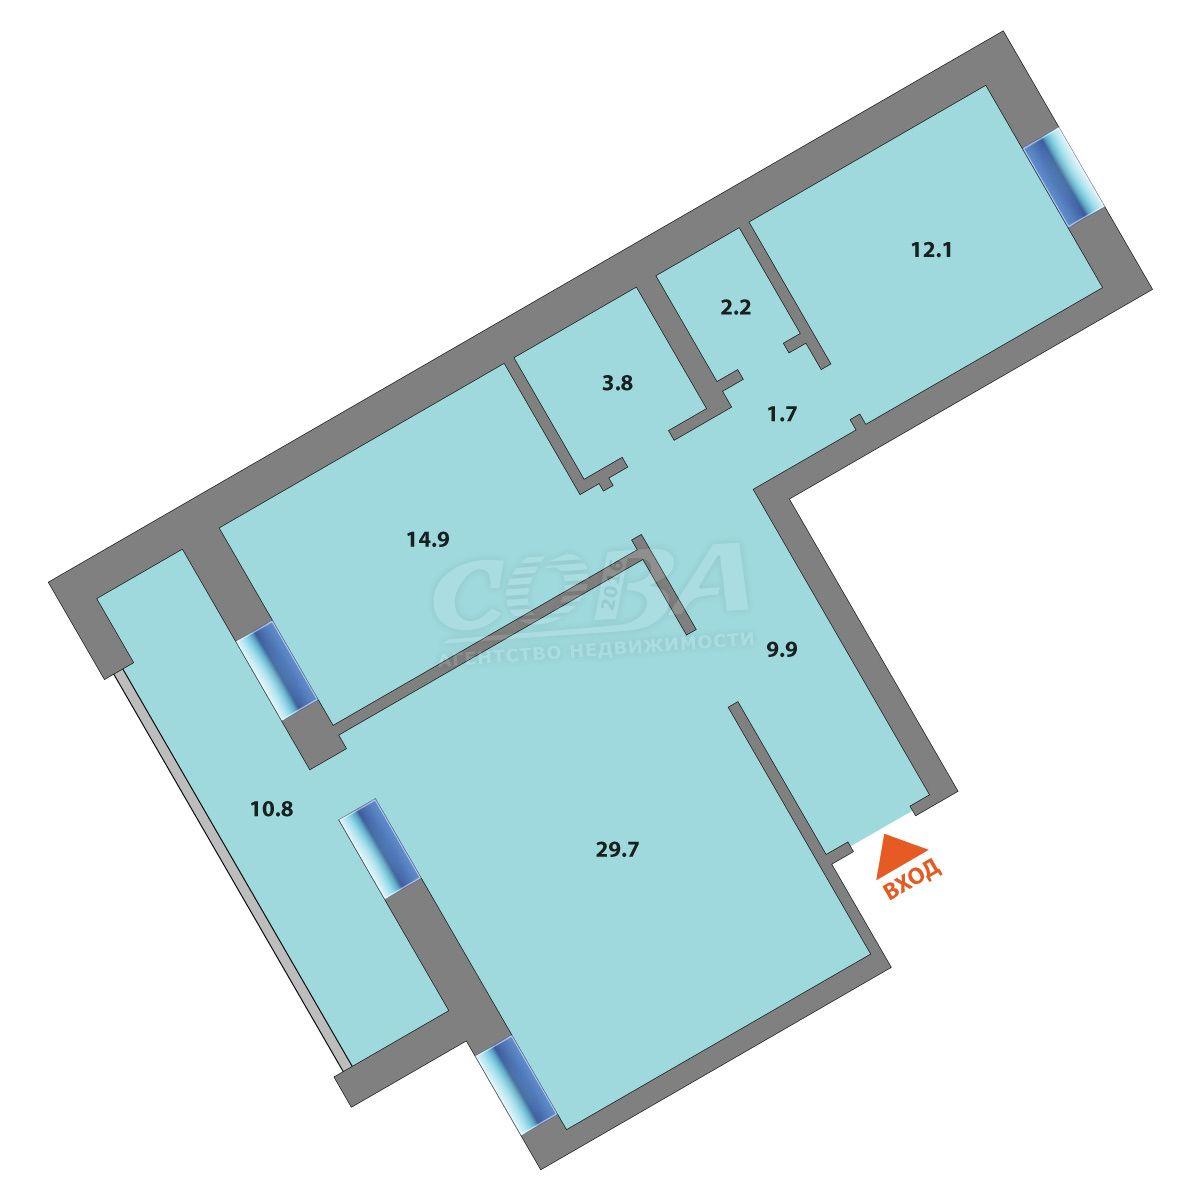 3 комнатная квартира  в районе Тарманы, ул. Газопромысловая, 4, Жилой квартал «Новый мыс 2.0», г. Тюмень